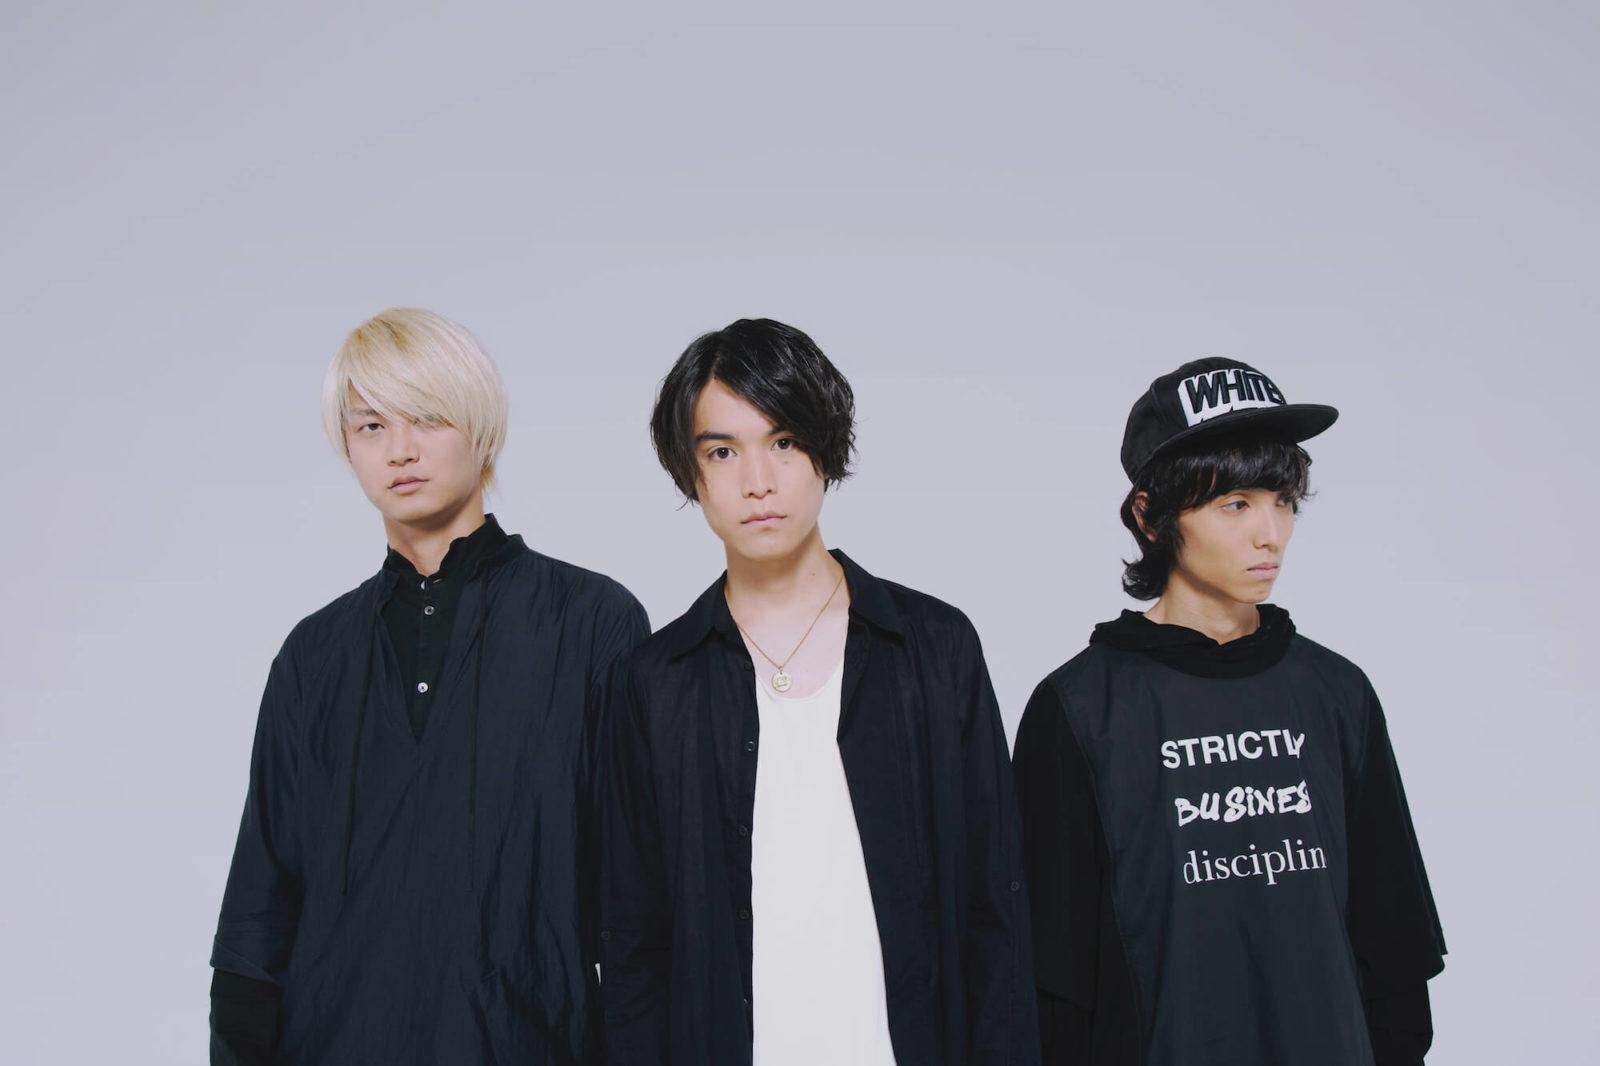 埼玉発 3ピースロックバンド・リアクション ザ ブッタのNew Album『Single Focus』から「火花」のMVが公開サムネイル画像